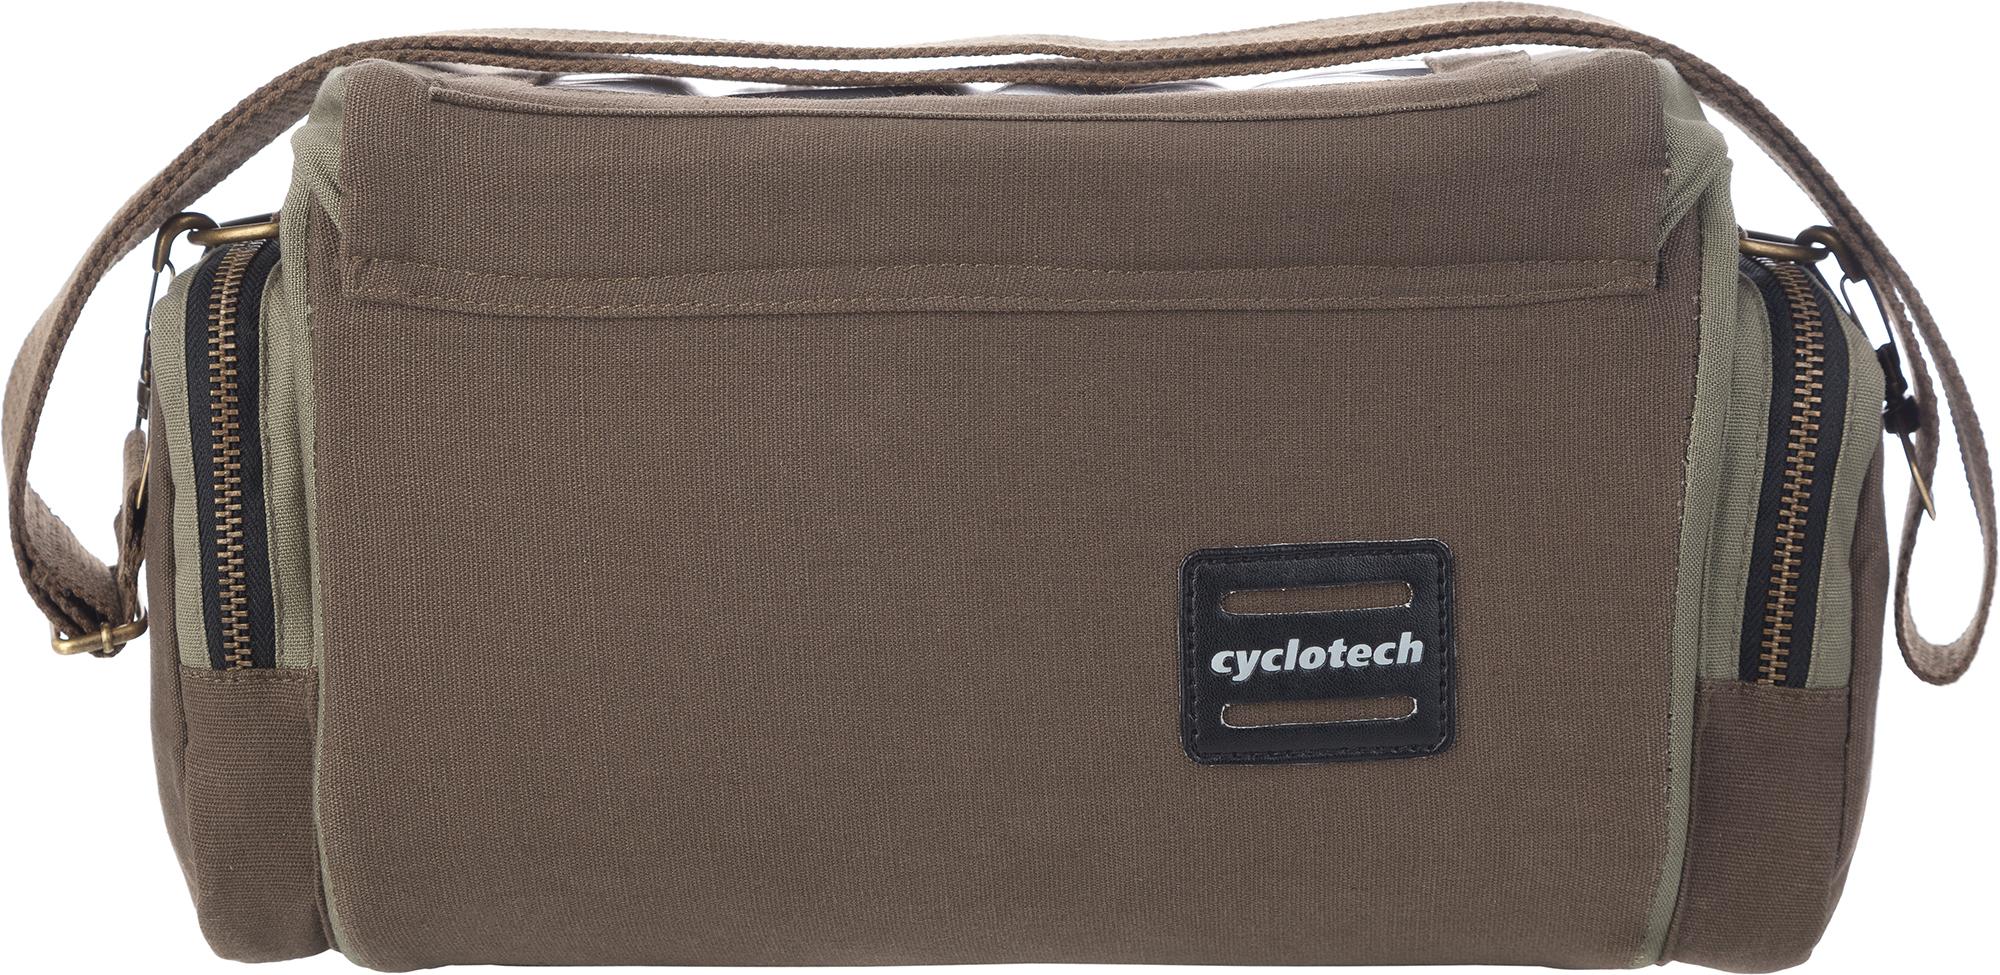 Cyclotech Велосипедная сумка